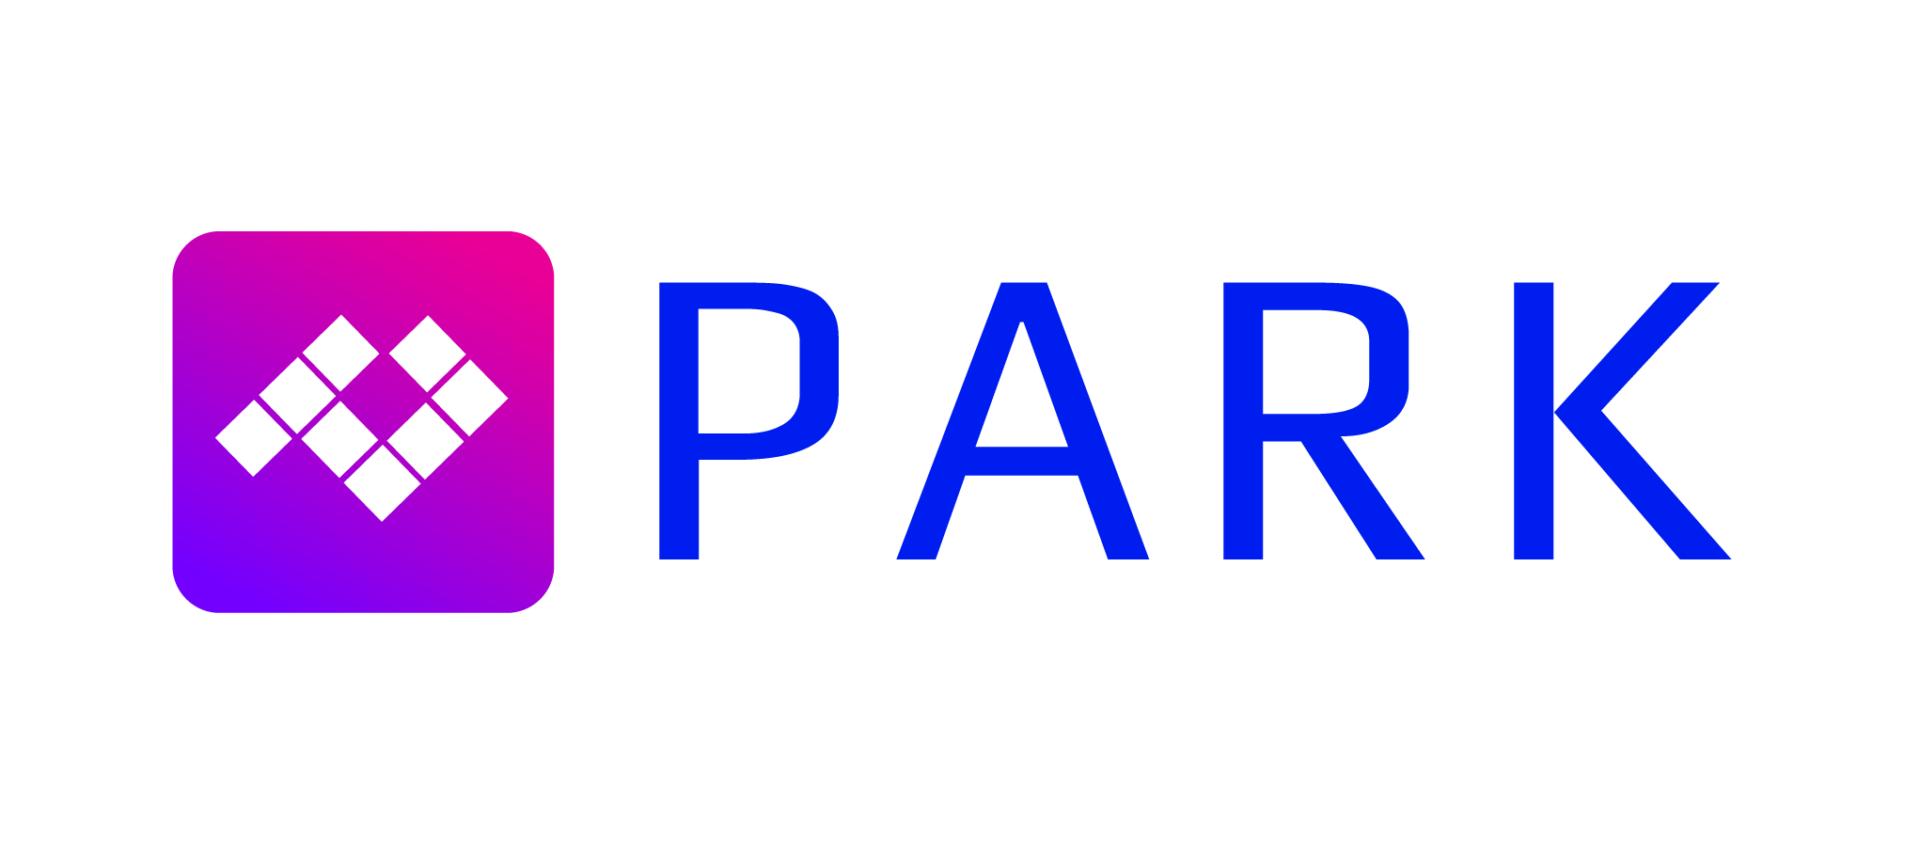 park-hankkeen tunnus